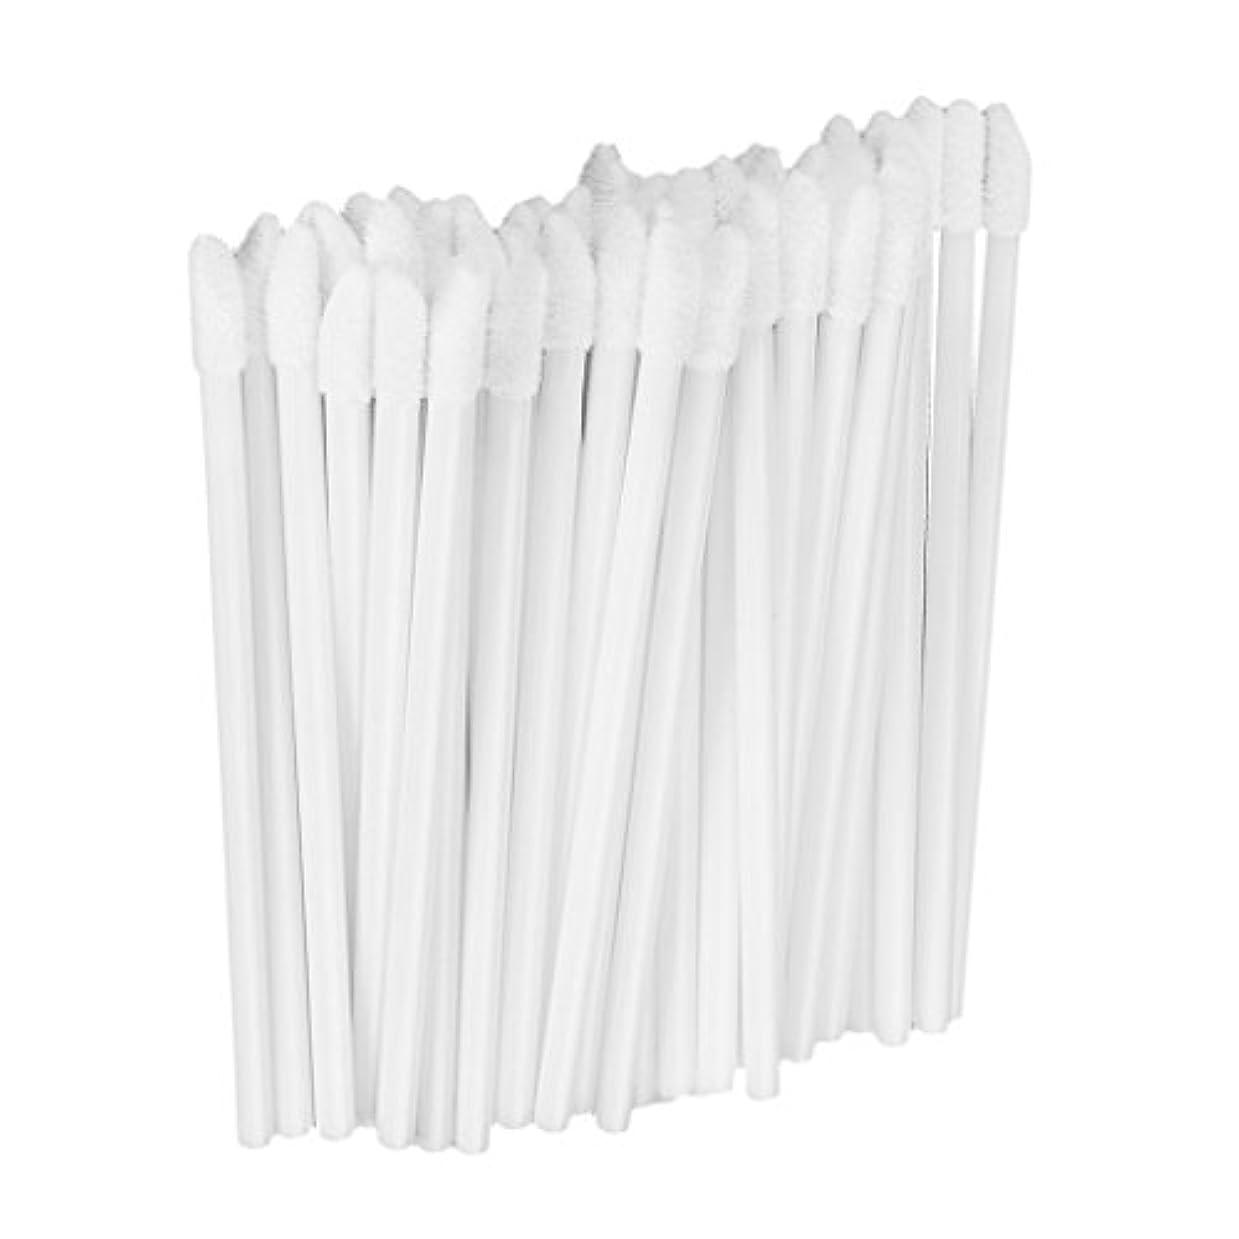 教室質素な怒っている約50本 メイクアップブラシ リップスティックブラシ 使い捨て リップブラシ リップワンド メイク道具 5色選べる - 白